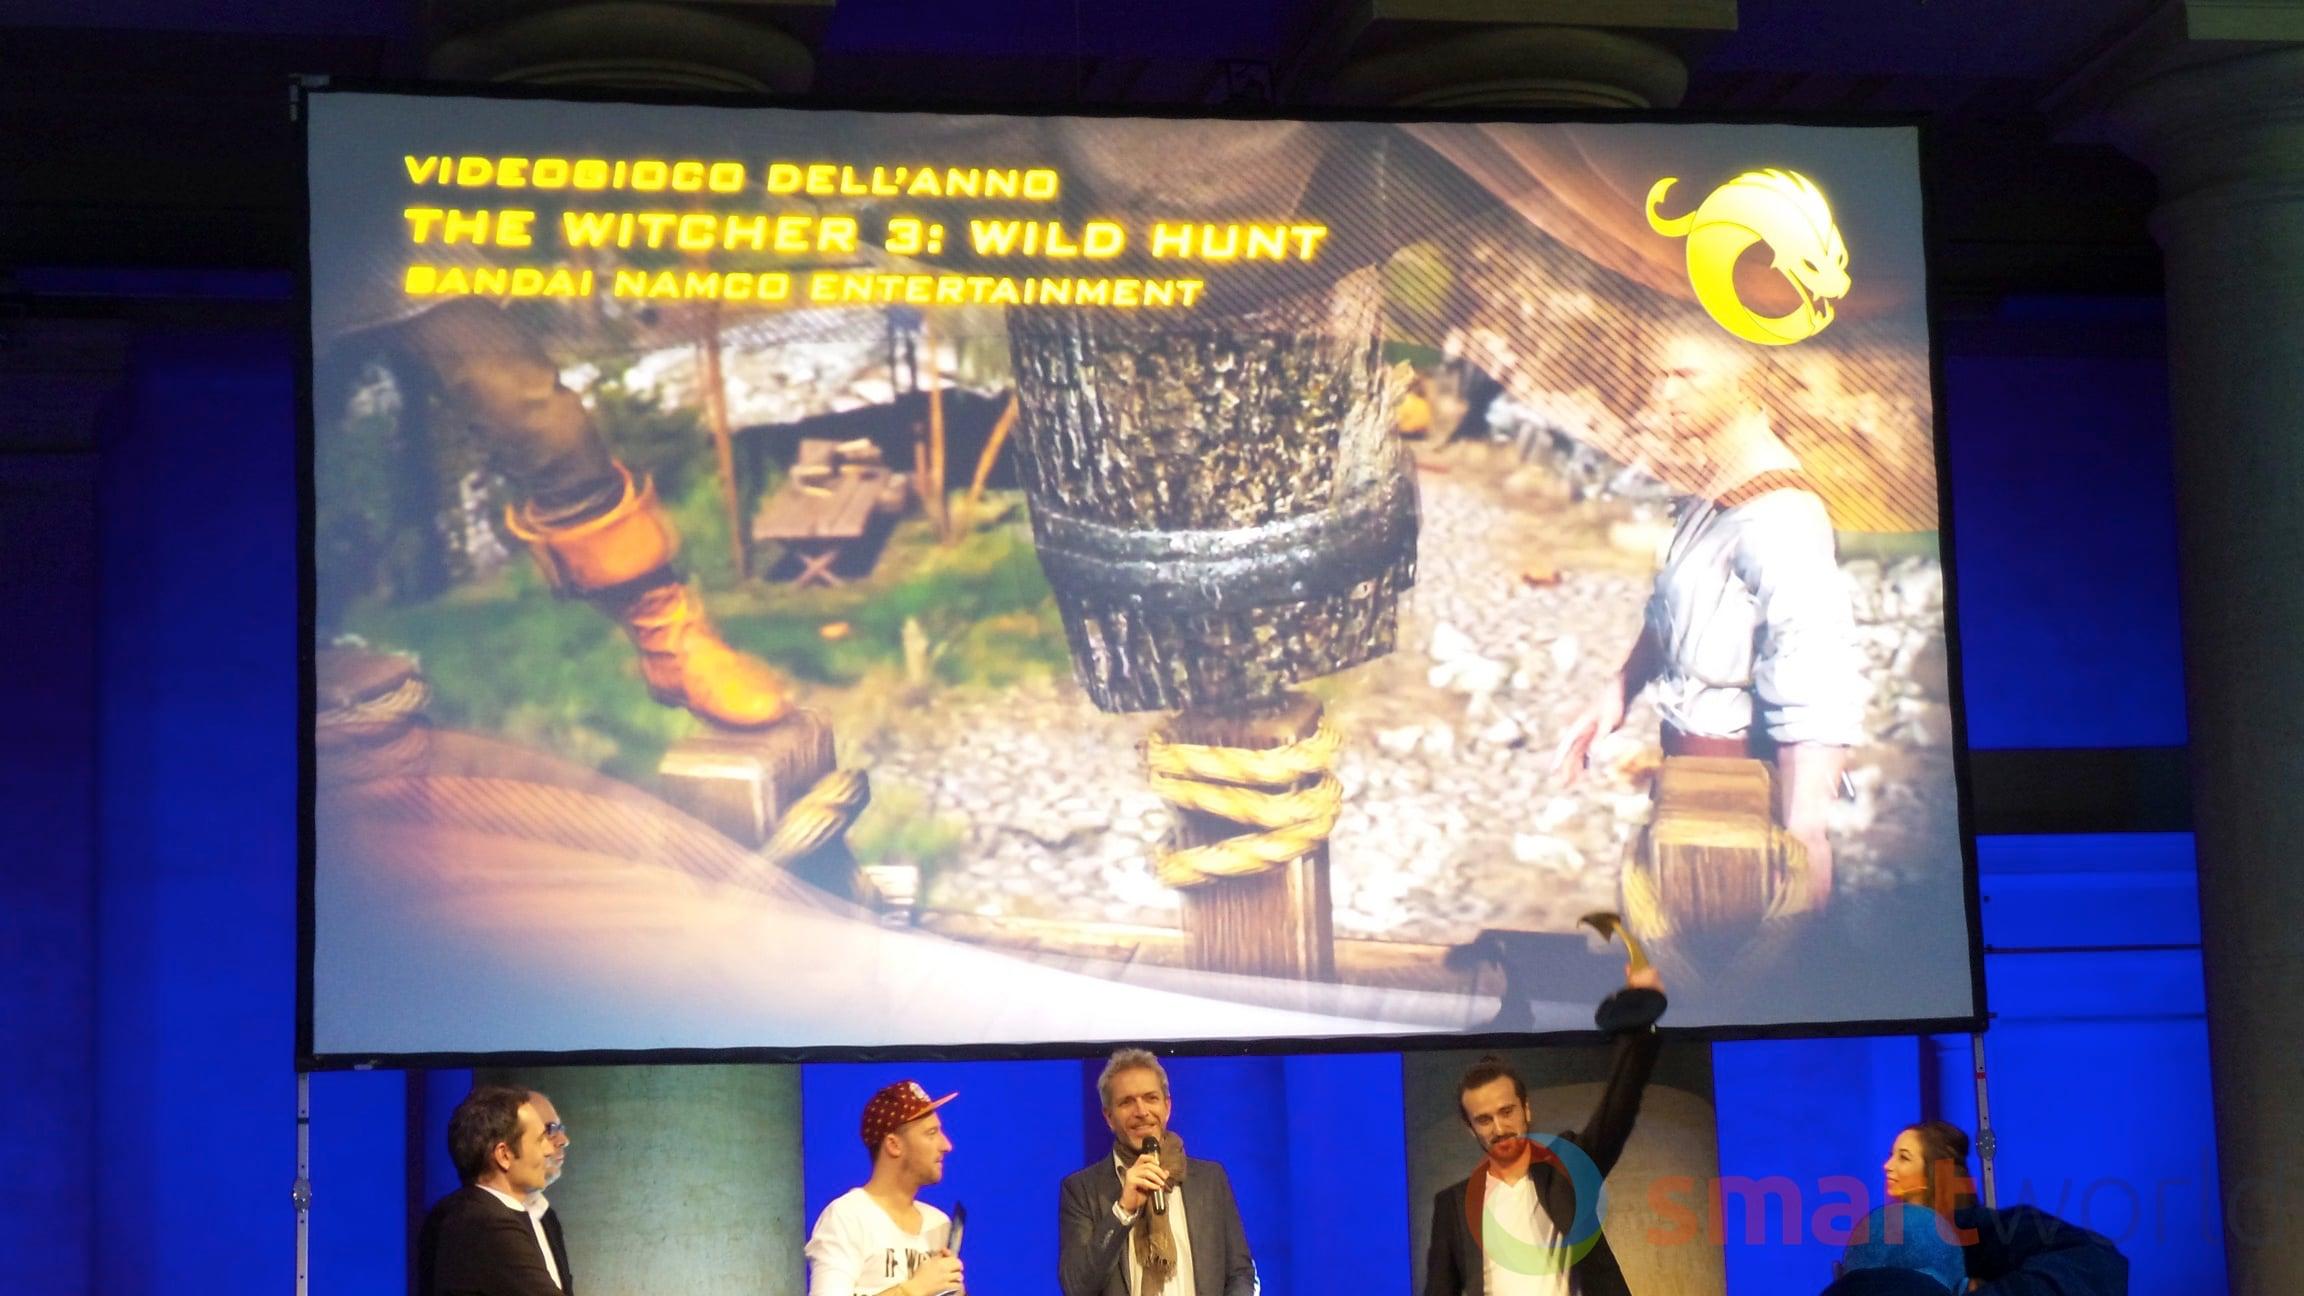 Drago d'Oro – Videogioco dell'anno The Witcher 3 Wild Hunt